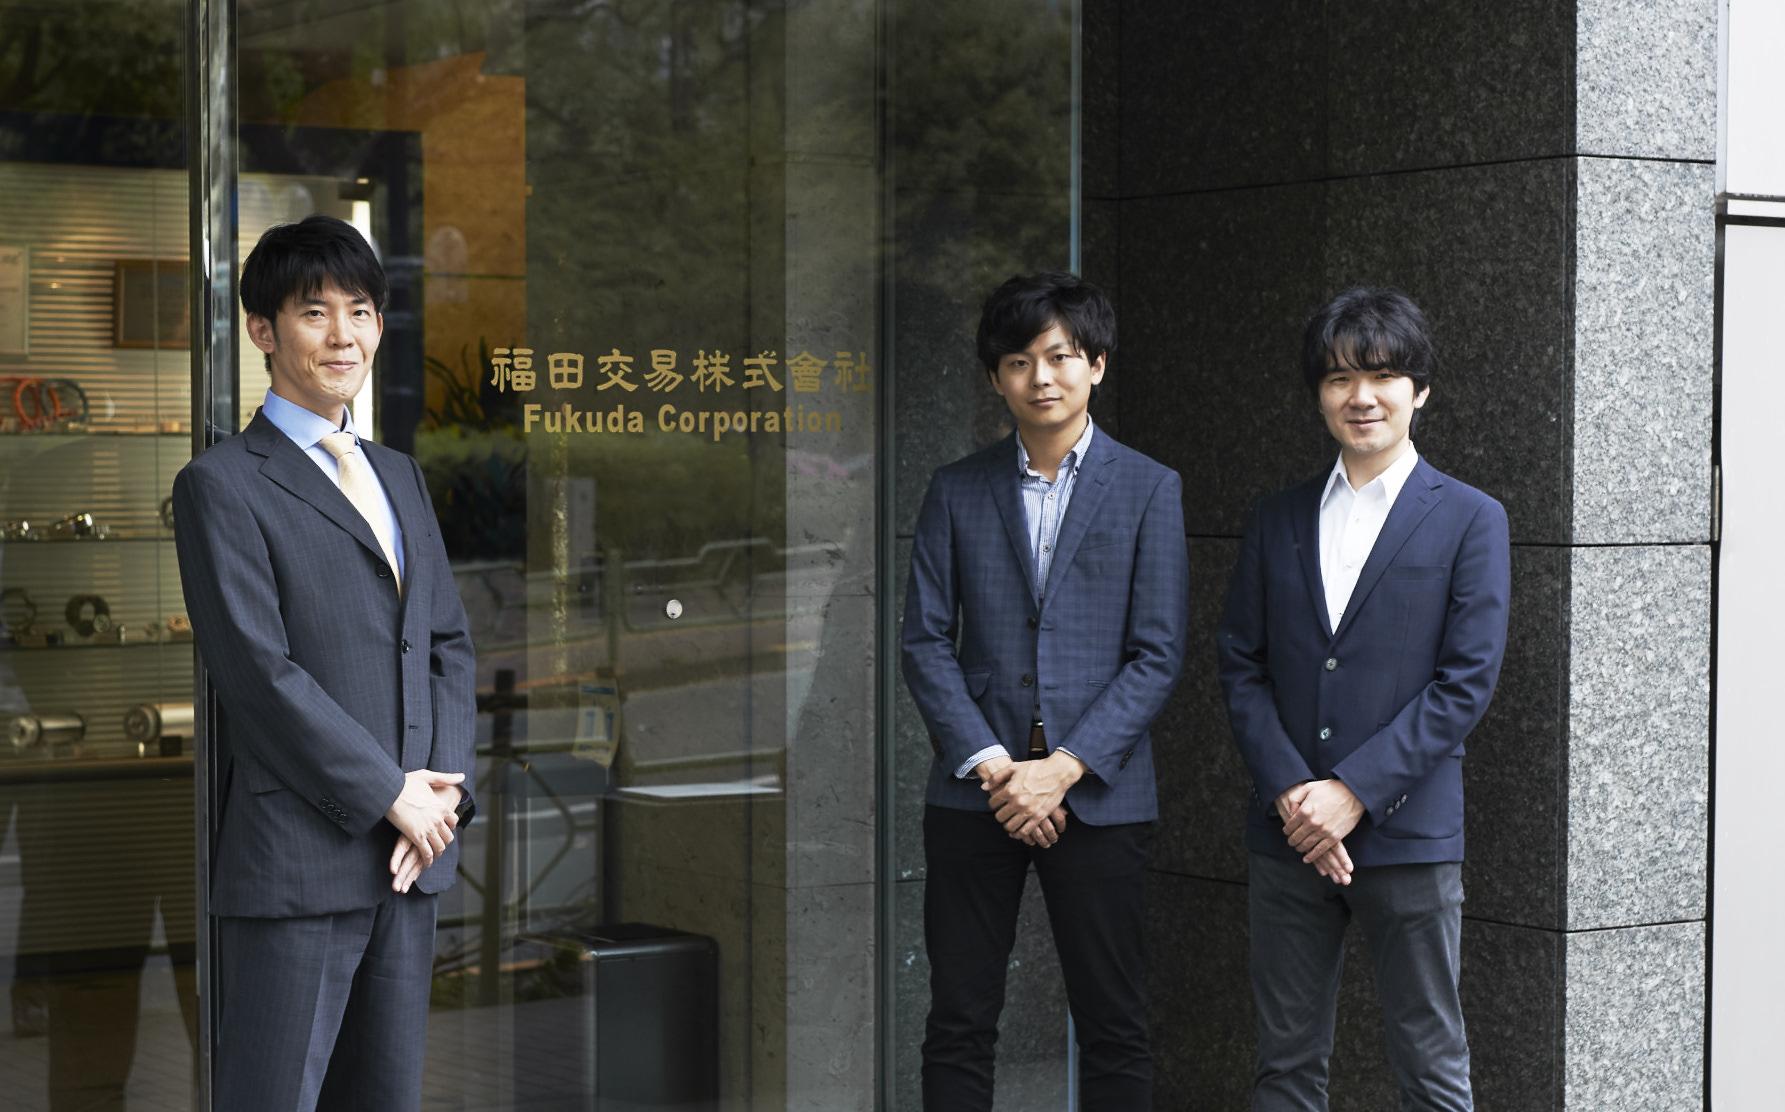 写真左から、福田交易の外記 広崇氏とナイルの岸、糸田川。